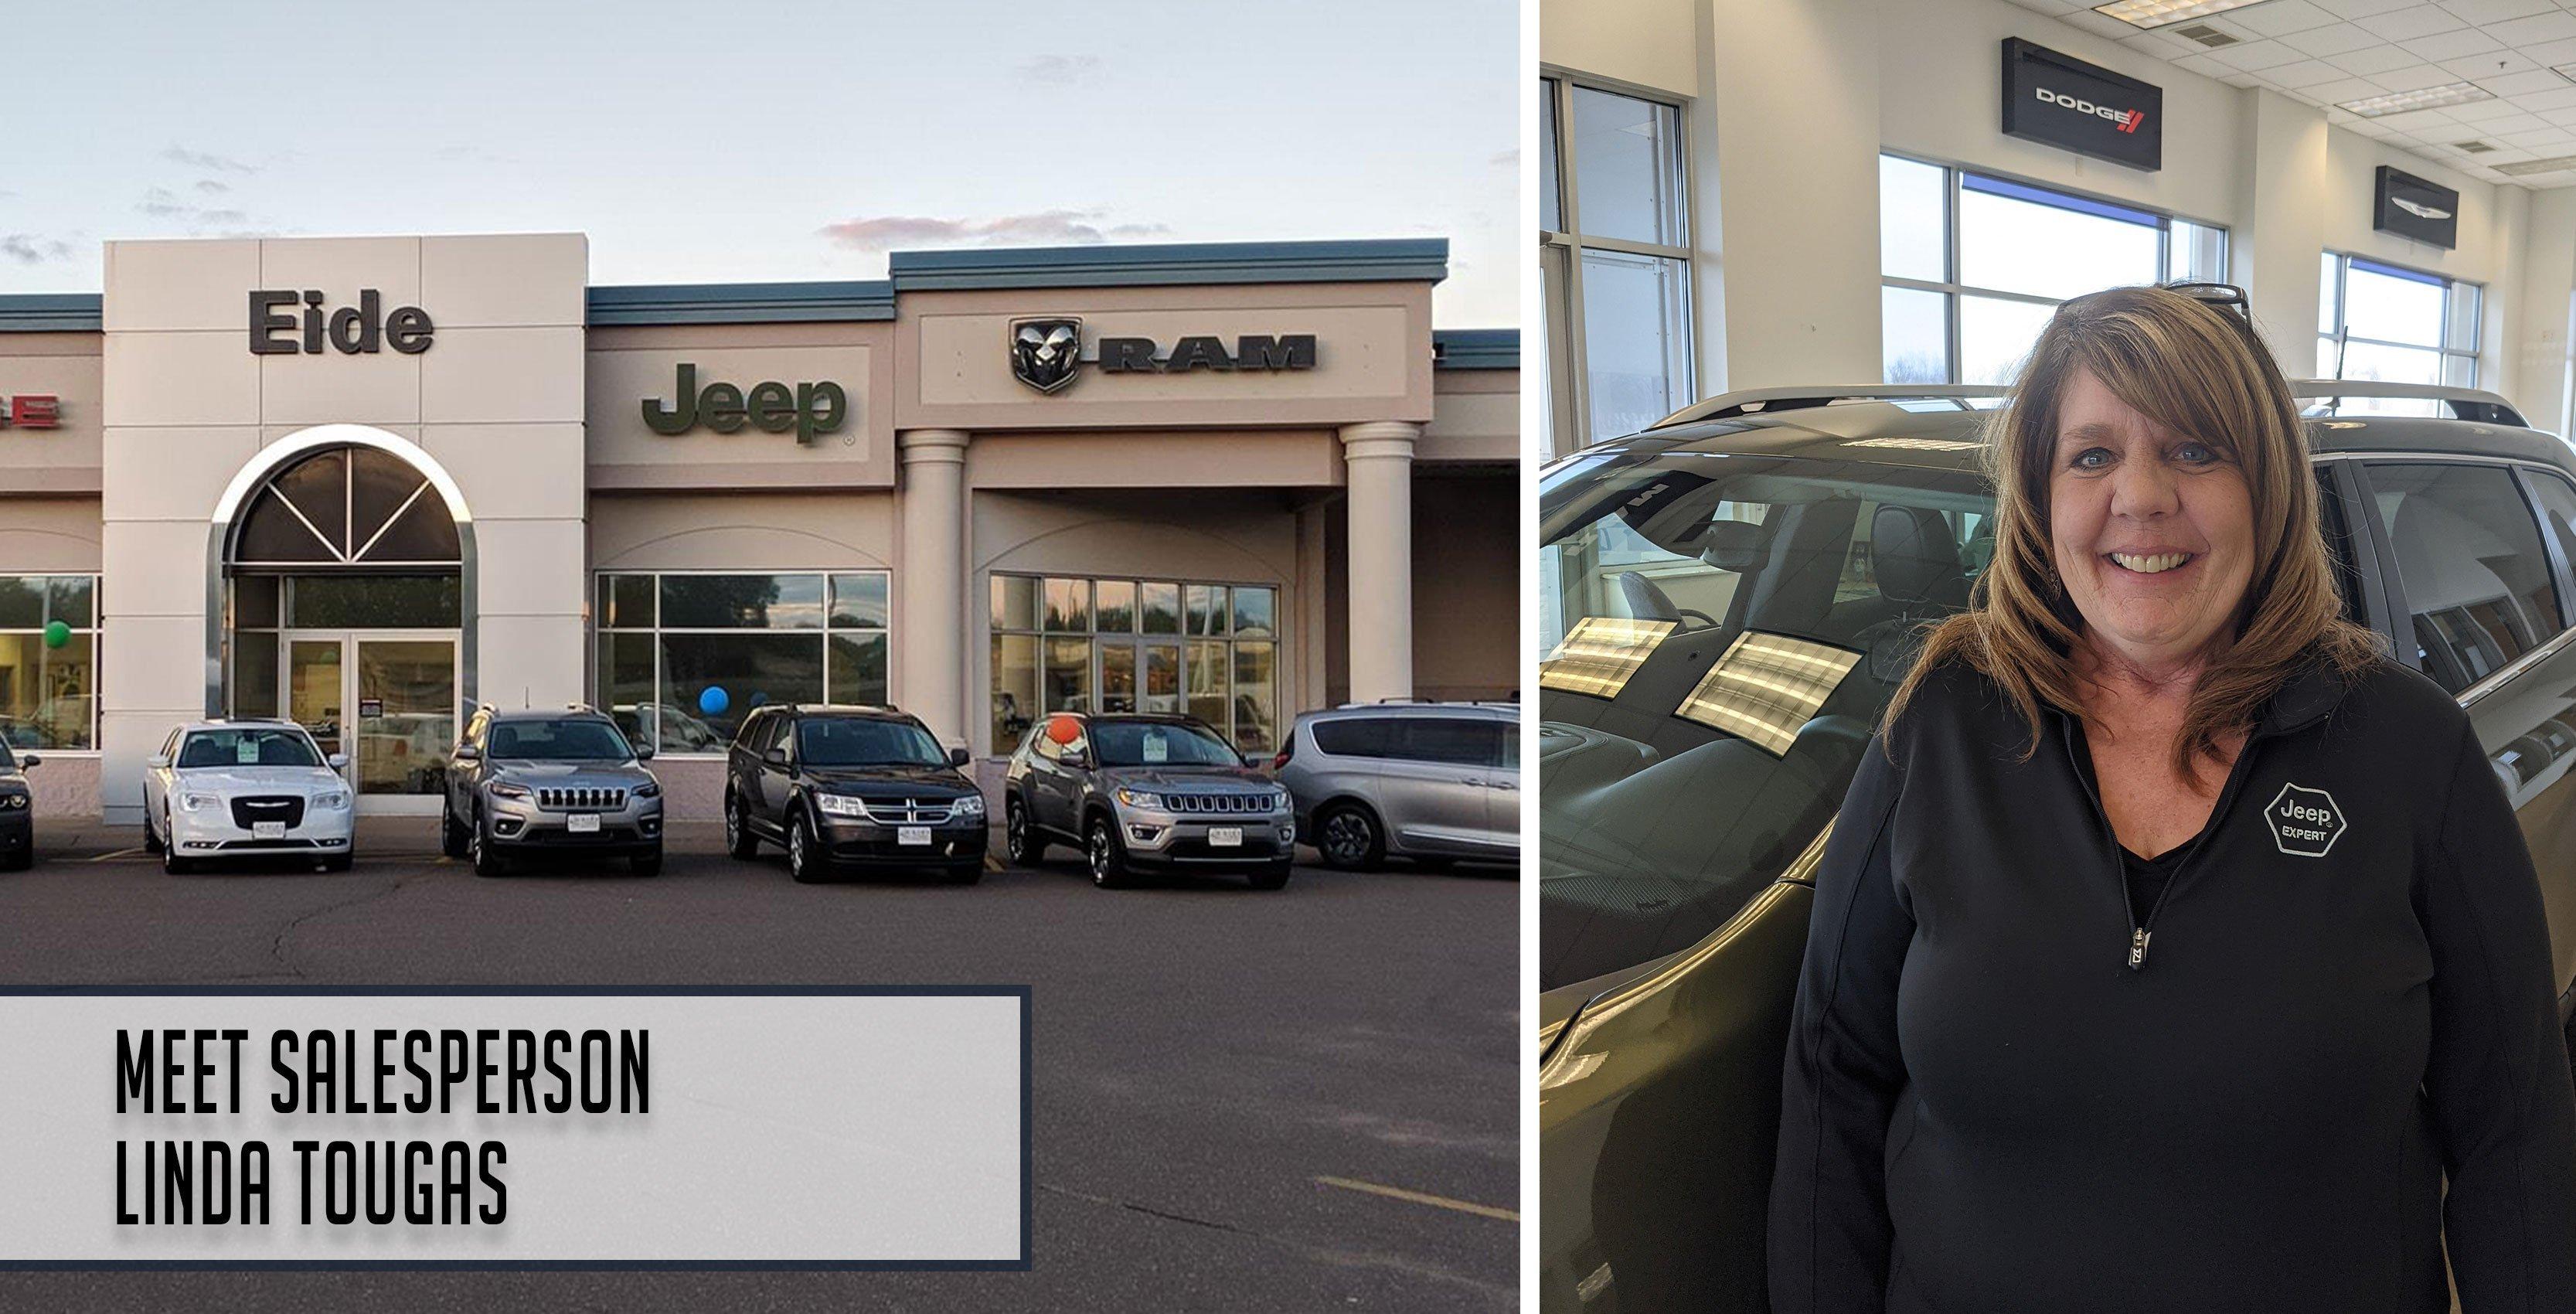 Meet Salesperson Linda Tougas